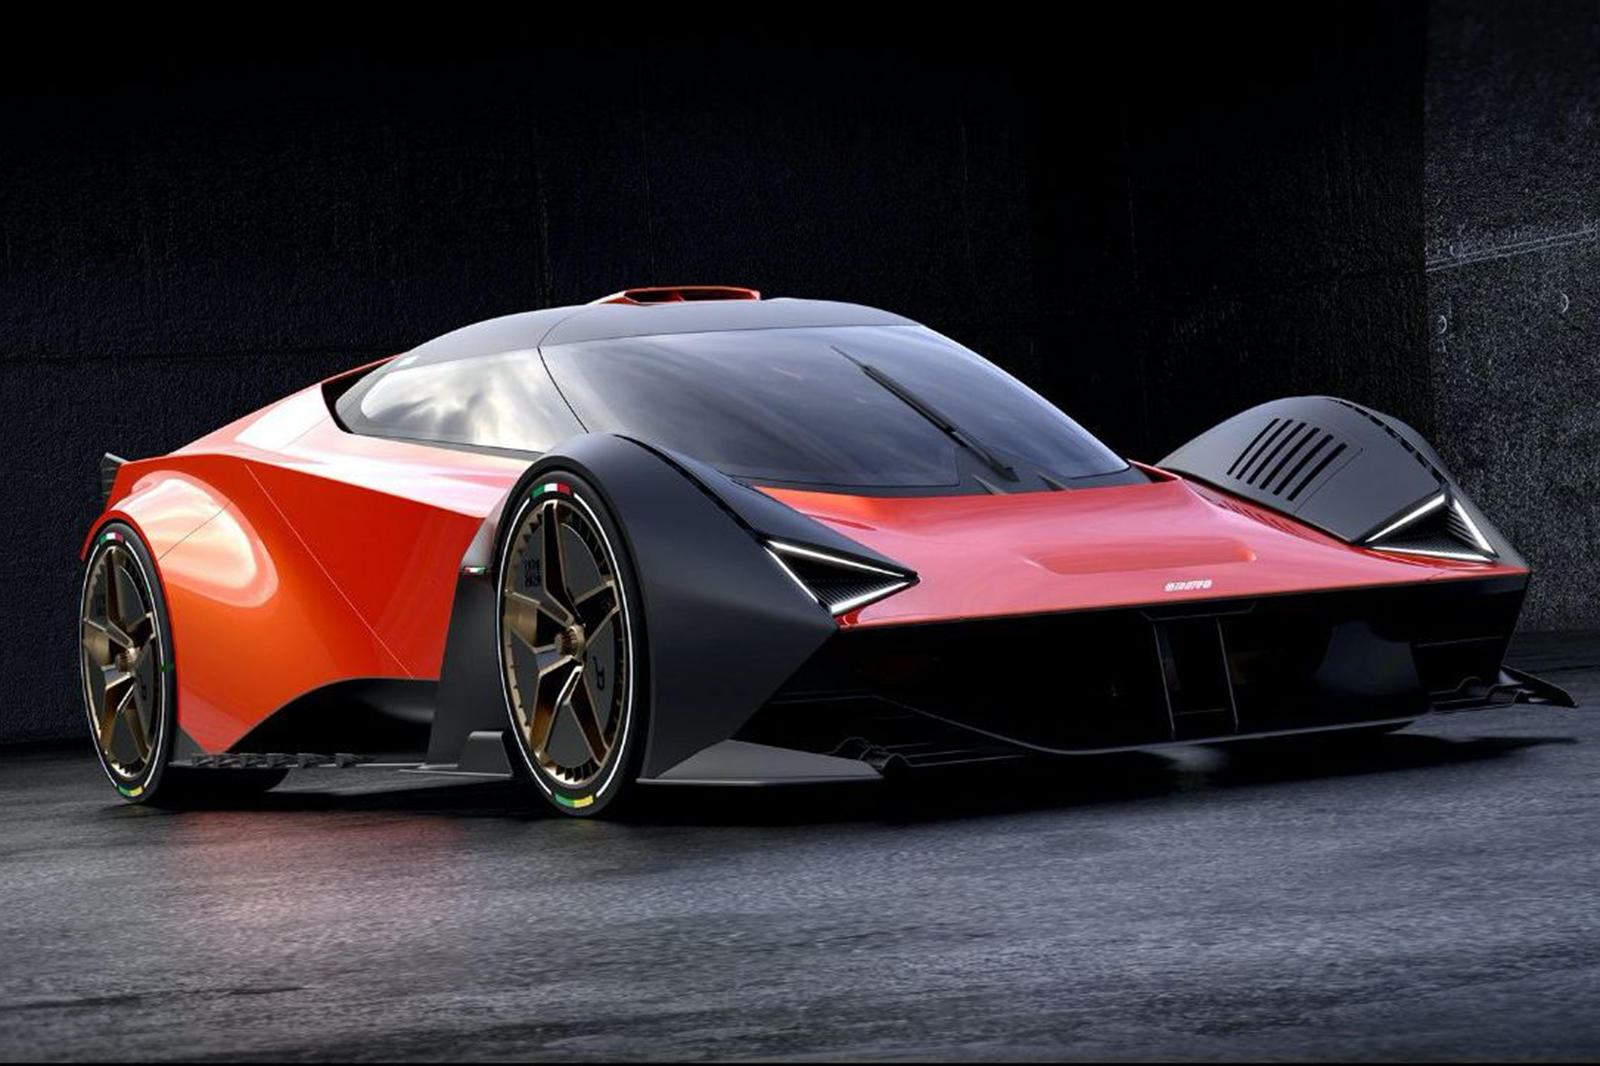 Также не случайно, что концепт совпадает с 50-летием оригинального концепта Zero, который дебютировал на автосалоне в Турине в 1970 году. Если бы только Lancia отметил годовщину концепта новой моделью специального выпуска. Lancia Stratos дебютировал